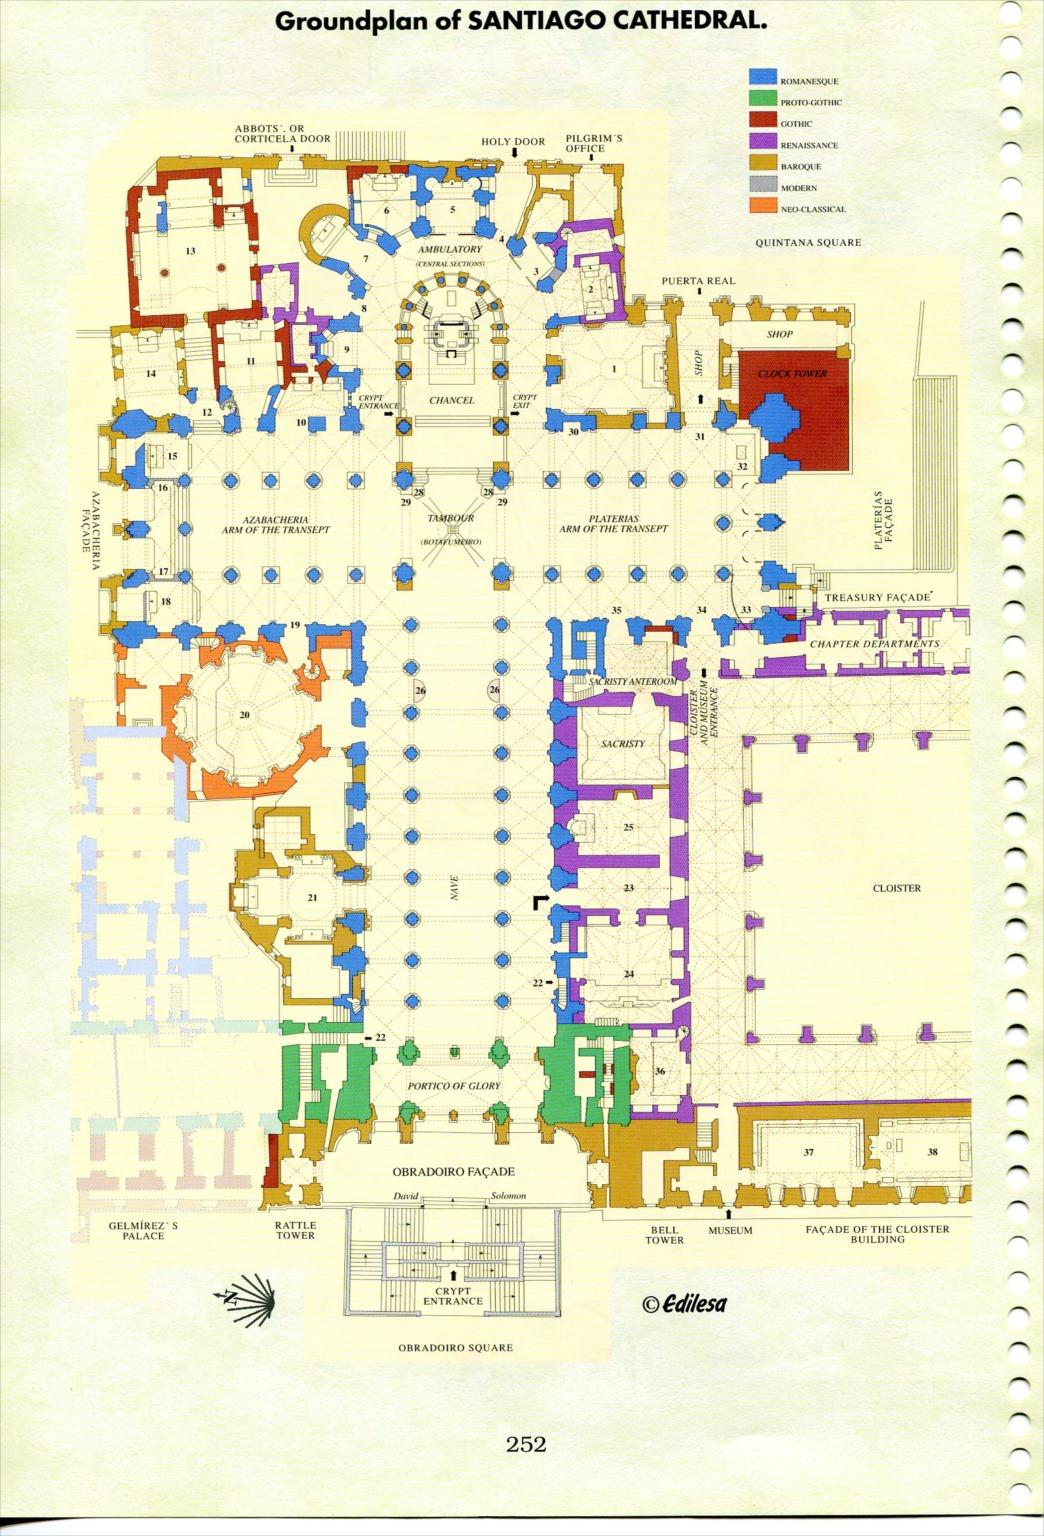 大聖堂平面図